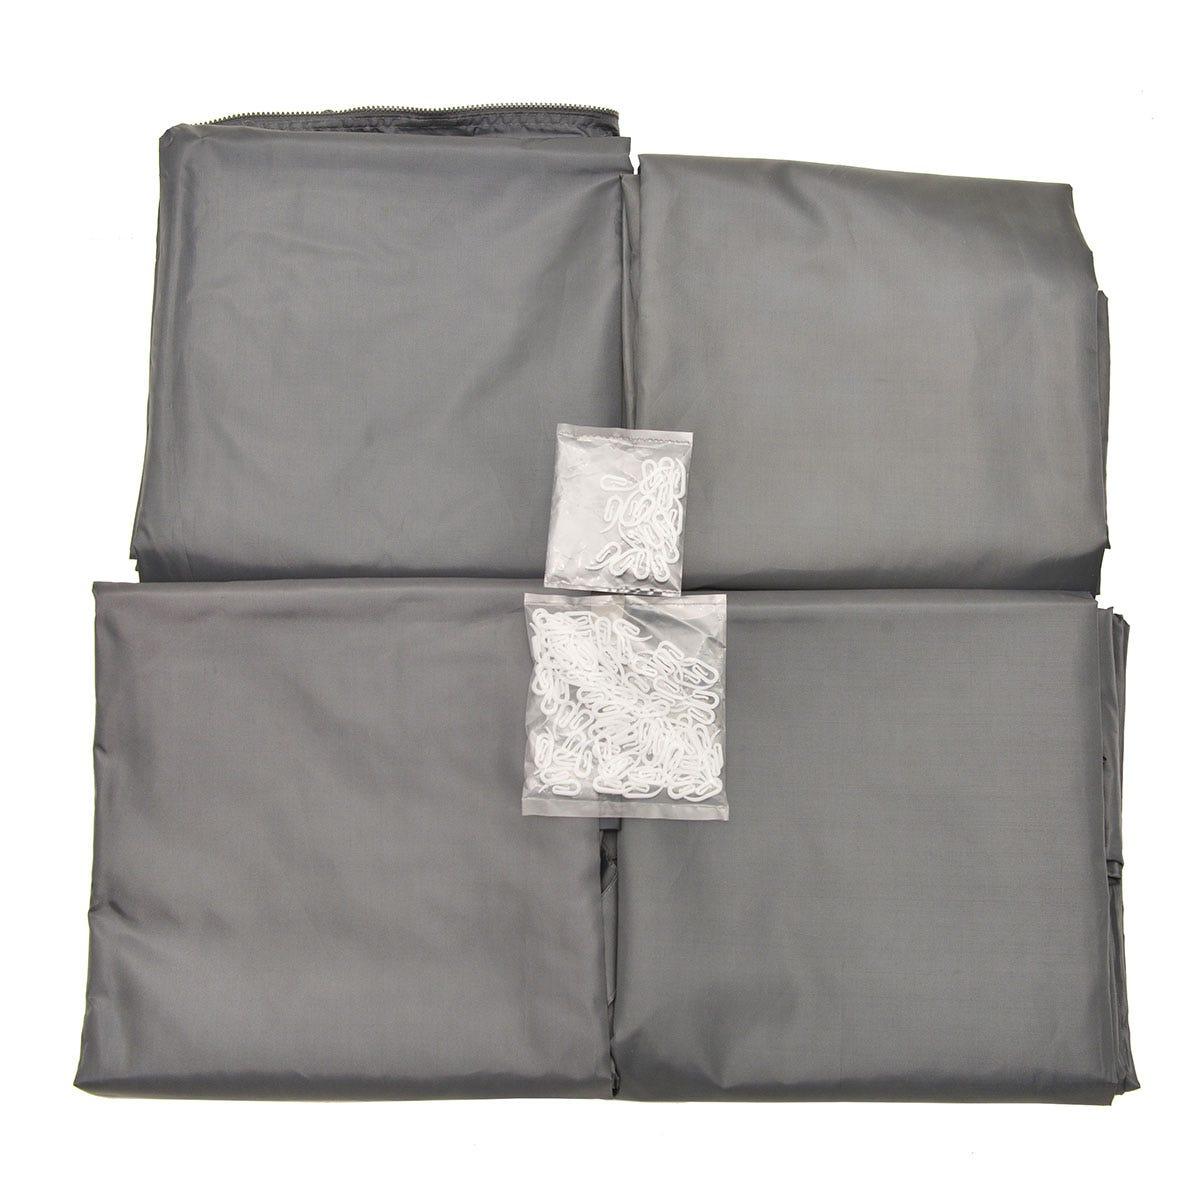 Palram Square Gazebo Curtain Set - Black